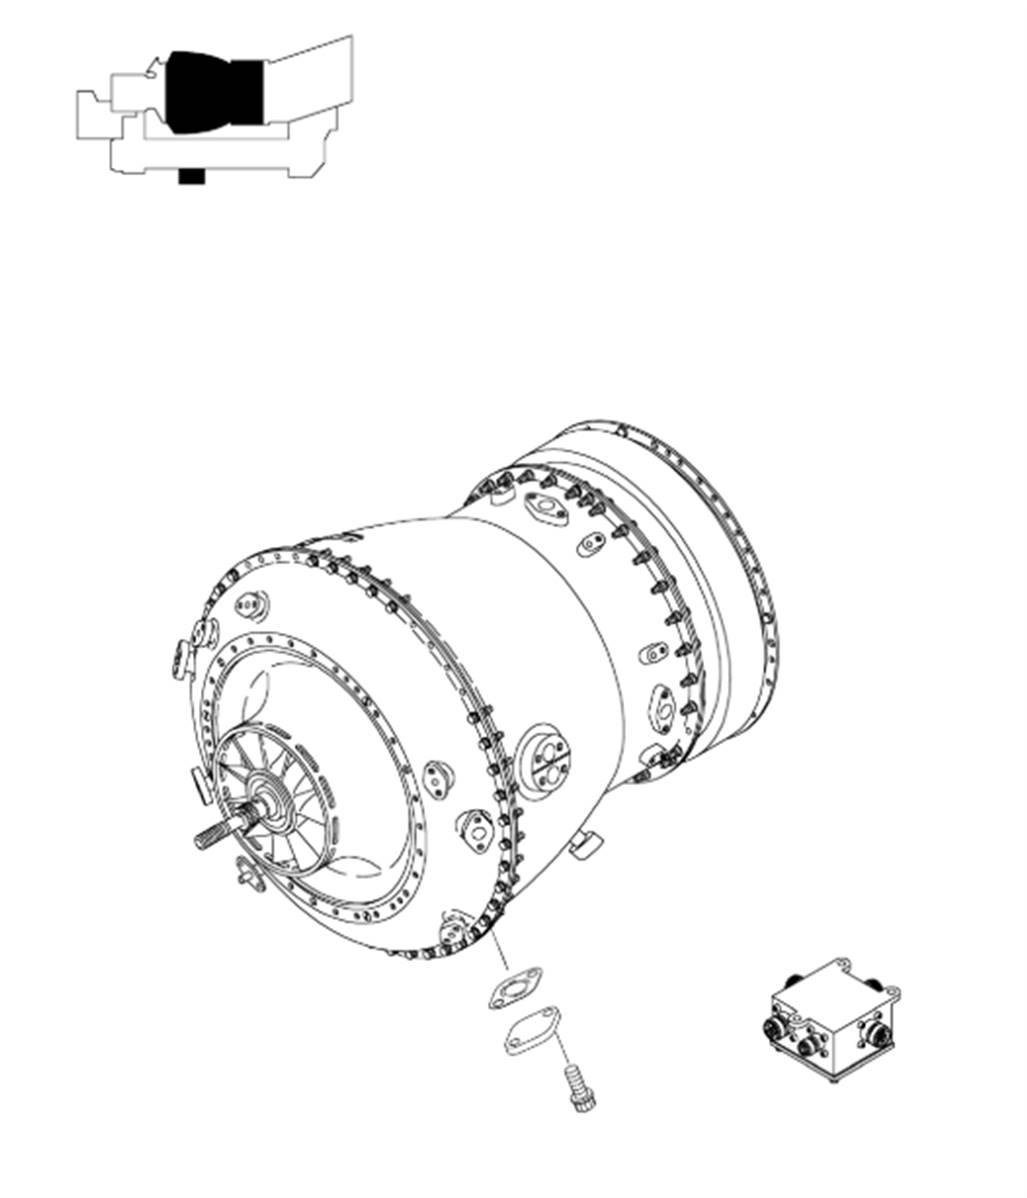 Safran Engine For Sale